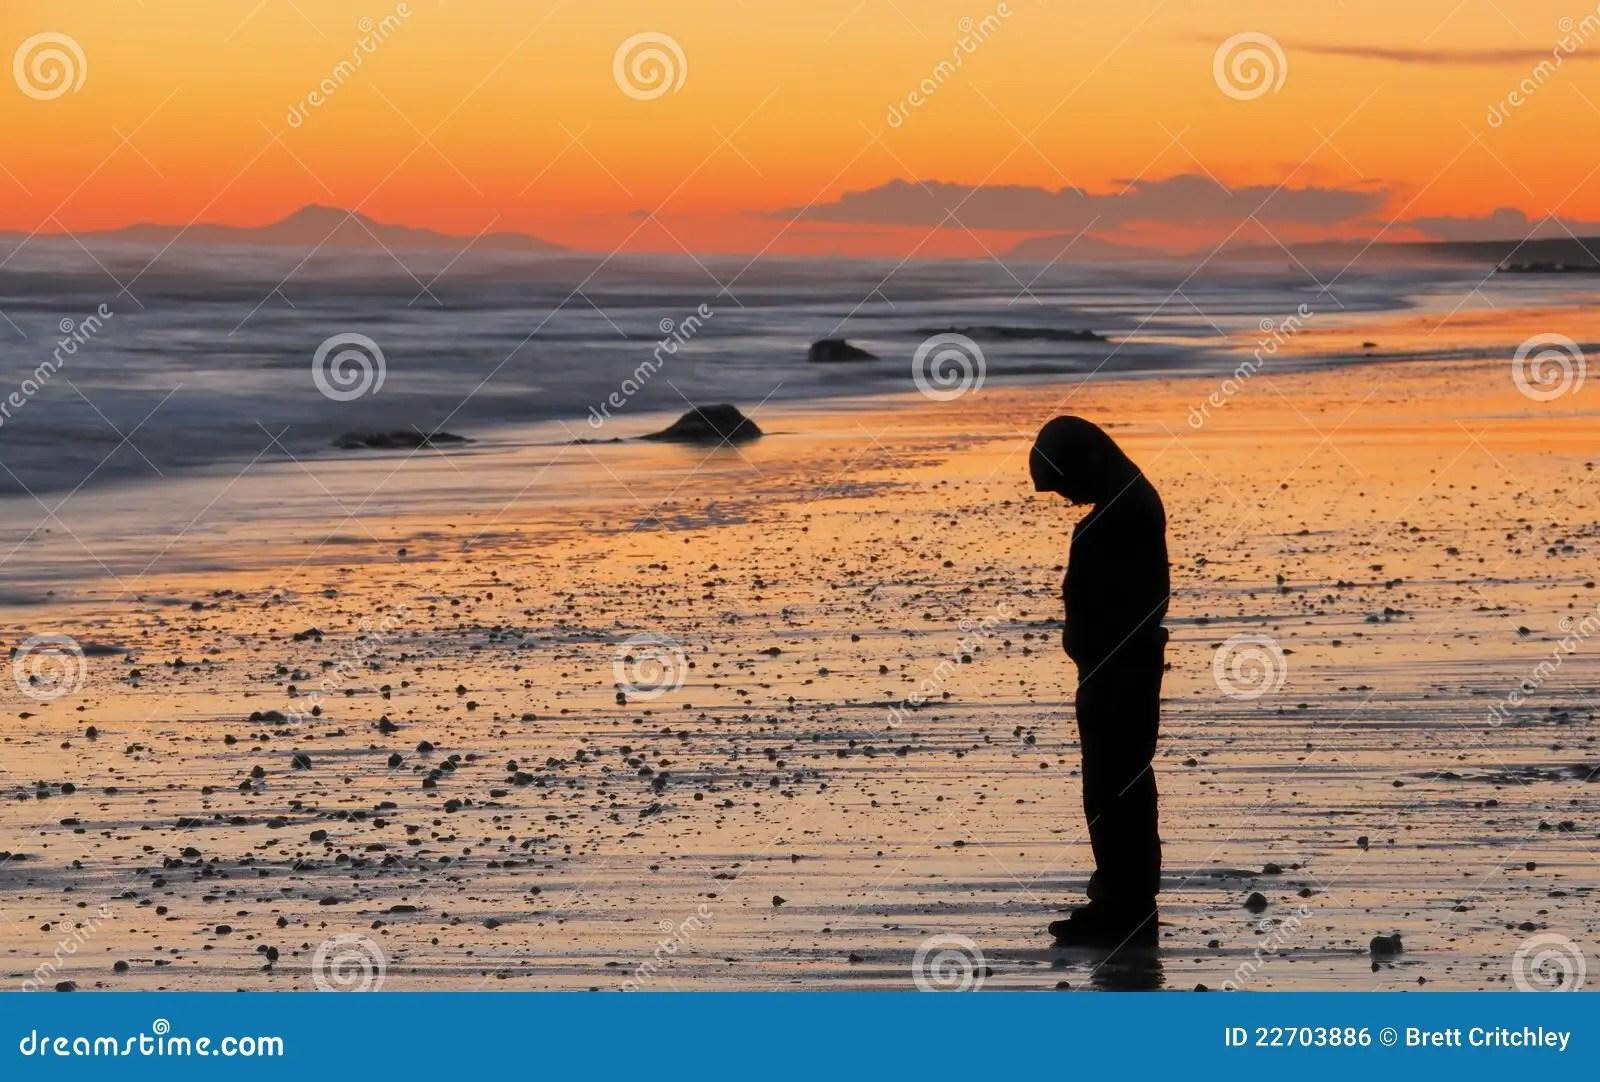 Alone Crying Girl Hd Wallpaper Tramonto Triste Del Ragazzo Fotografia Stock Immagine Di